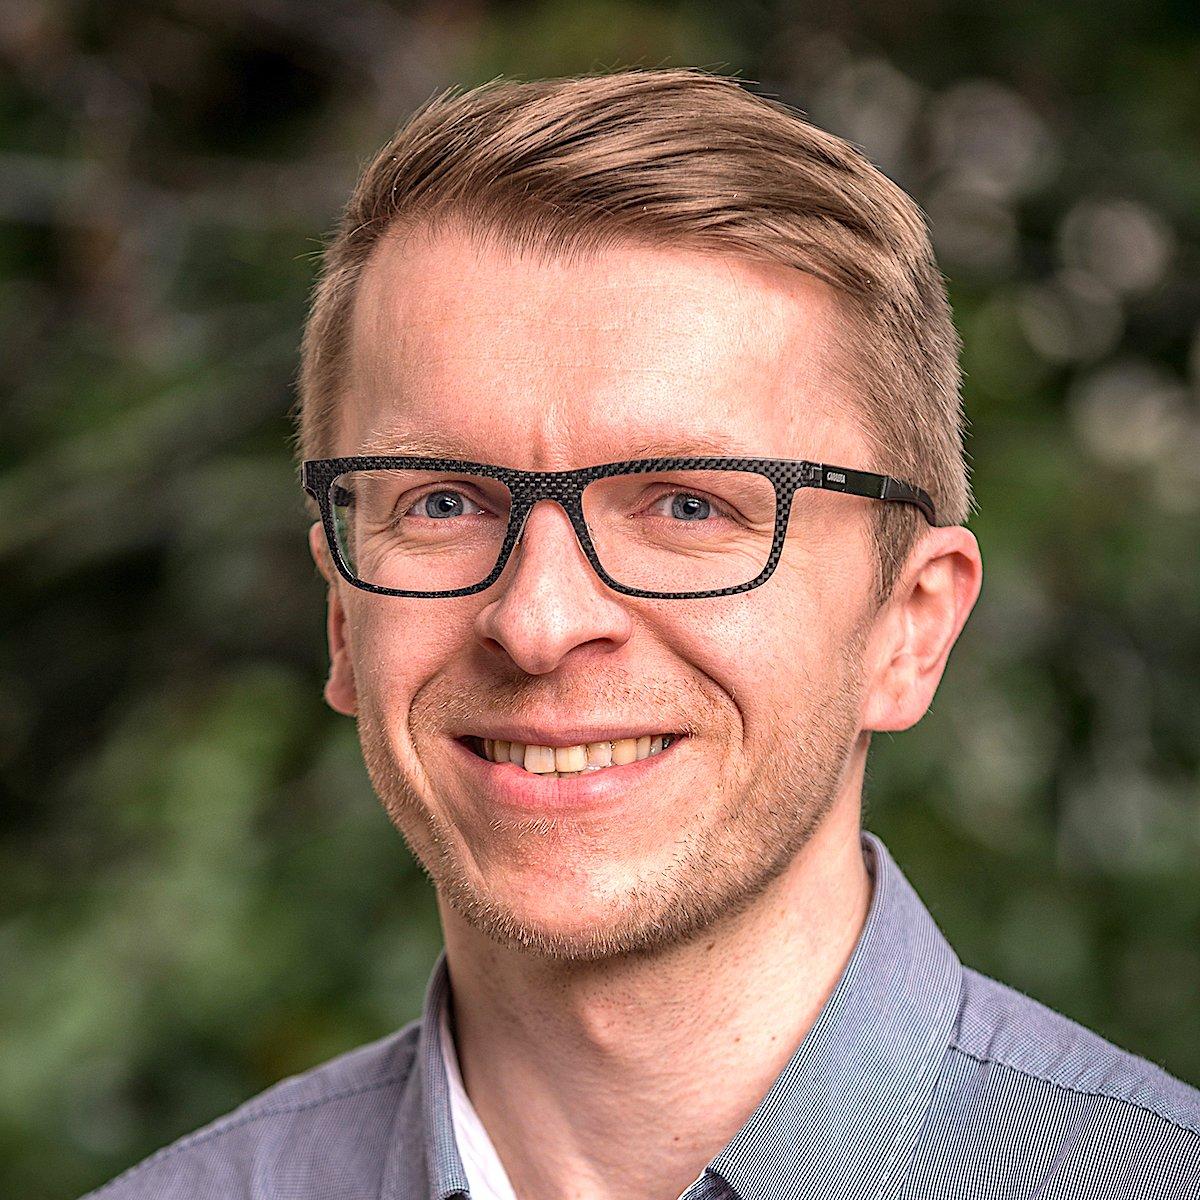 «Der Suchtbegriff wird inflationär verwendet»: Marcel Küng ist soziokultureller Animator bei der Beratungsstelle Punkto Zug.